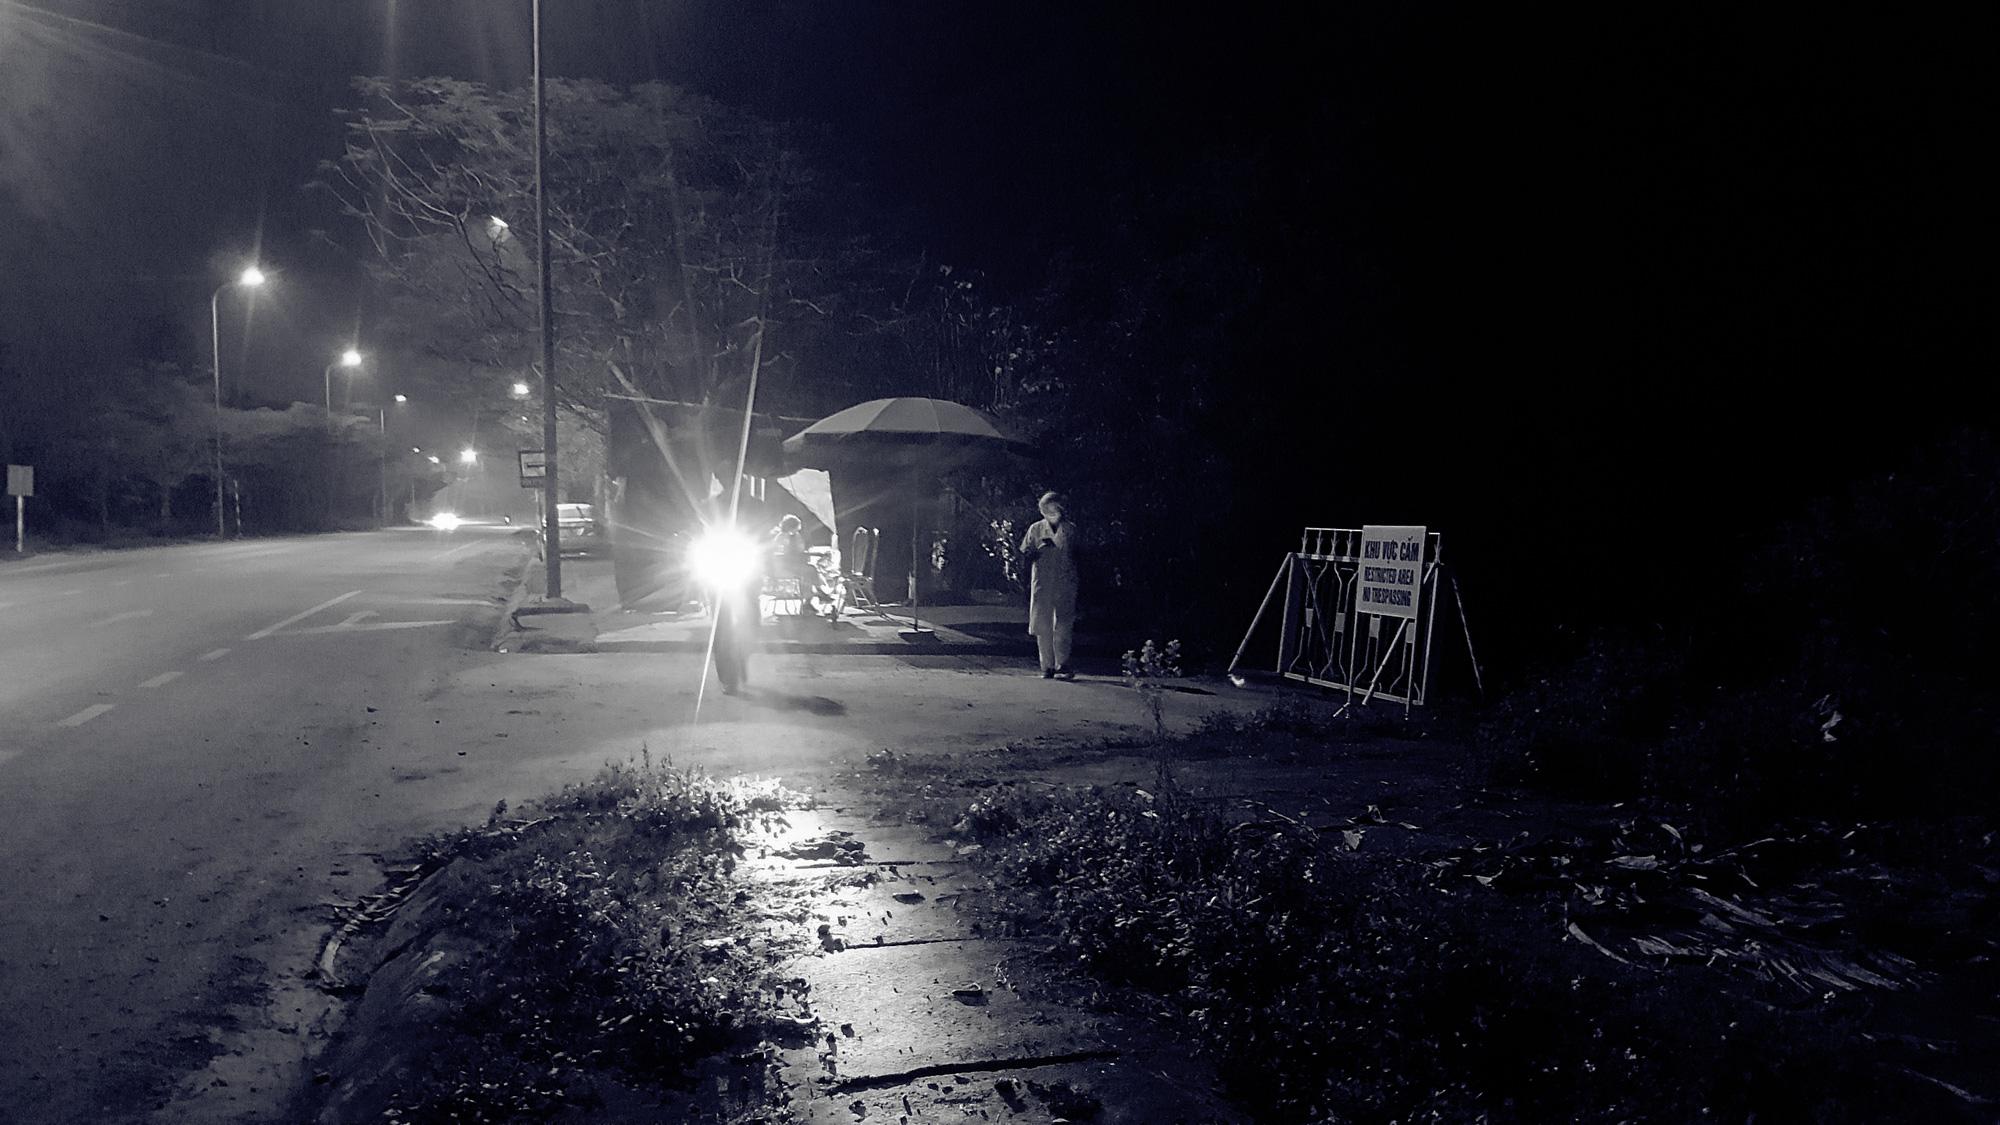 Khoảng lặng COVID-19: Một đêm trắng ở chốt kiểm dịch Sơn Lôi - Ảnh 5.